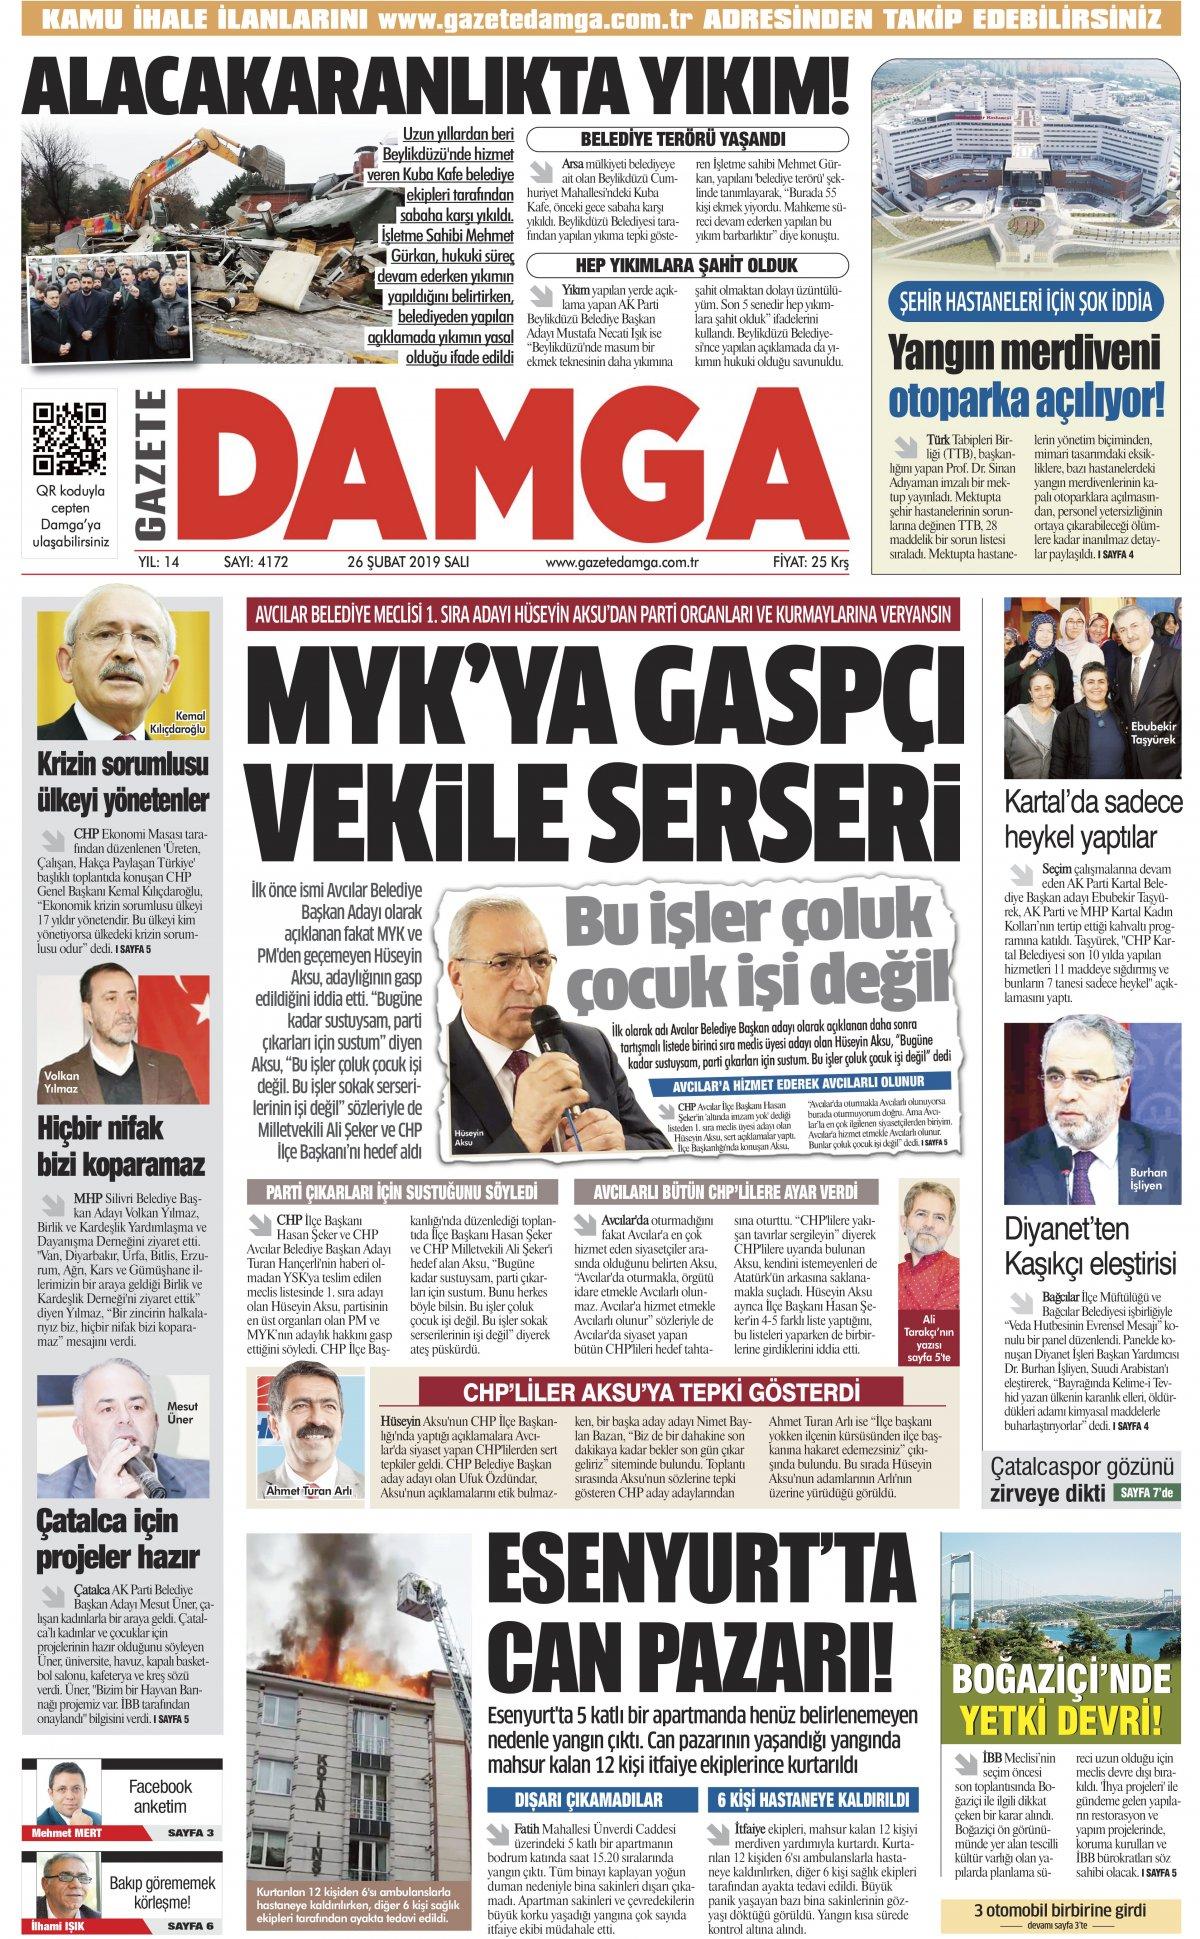 Gazete Damga - 26.02.2019 Sayfaları